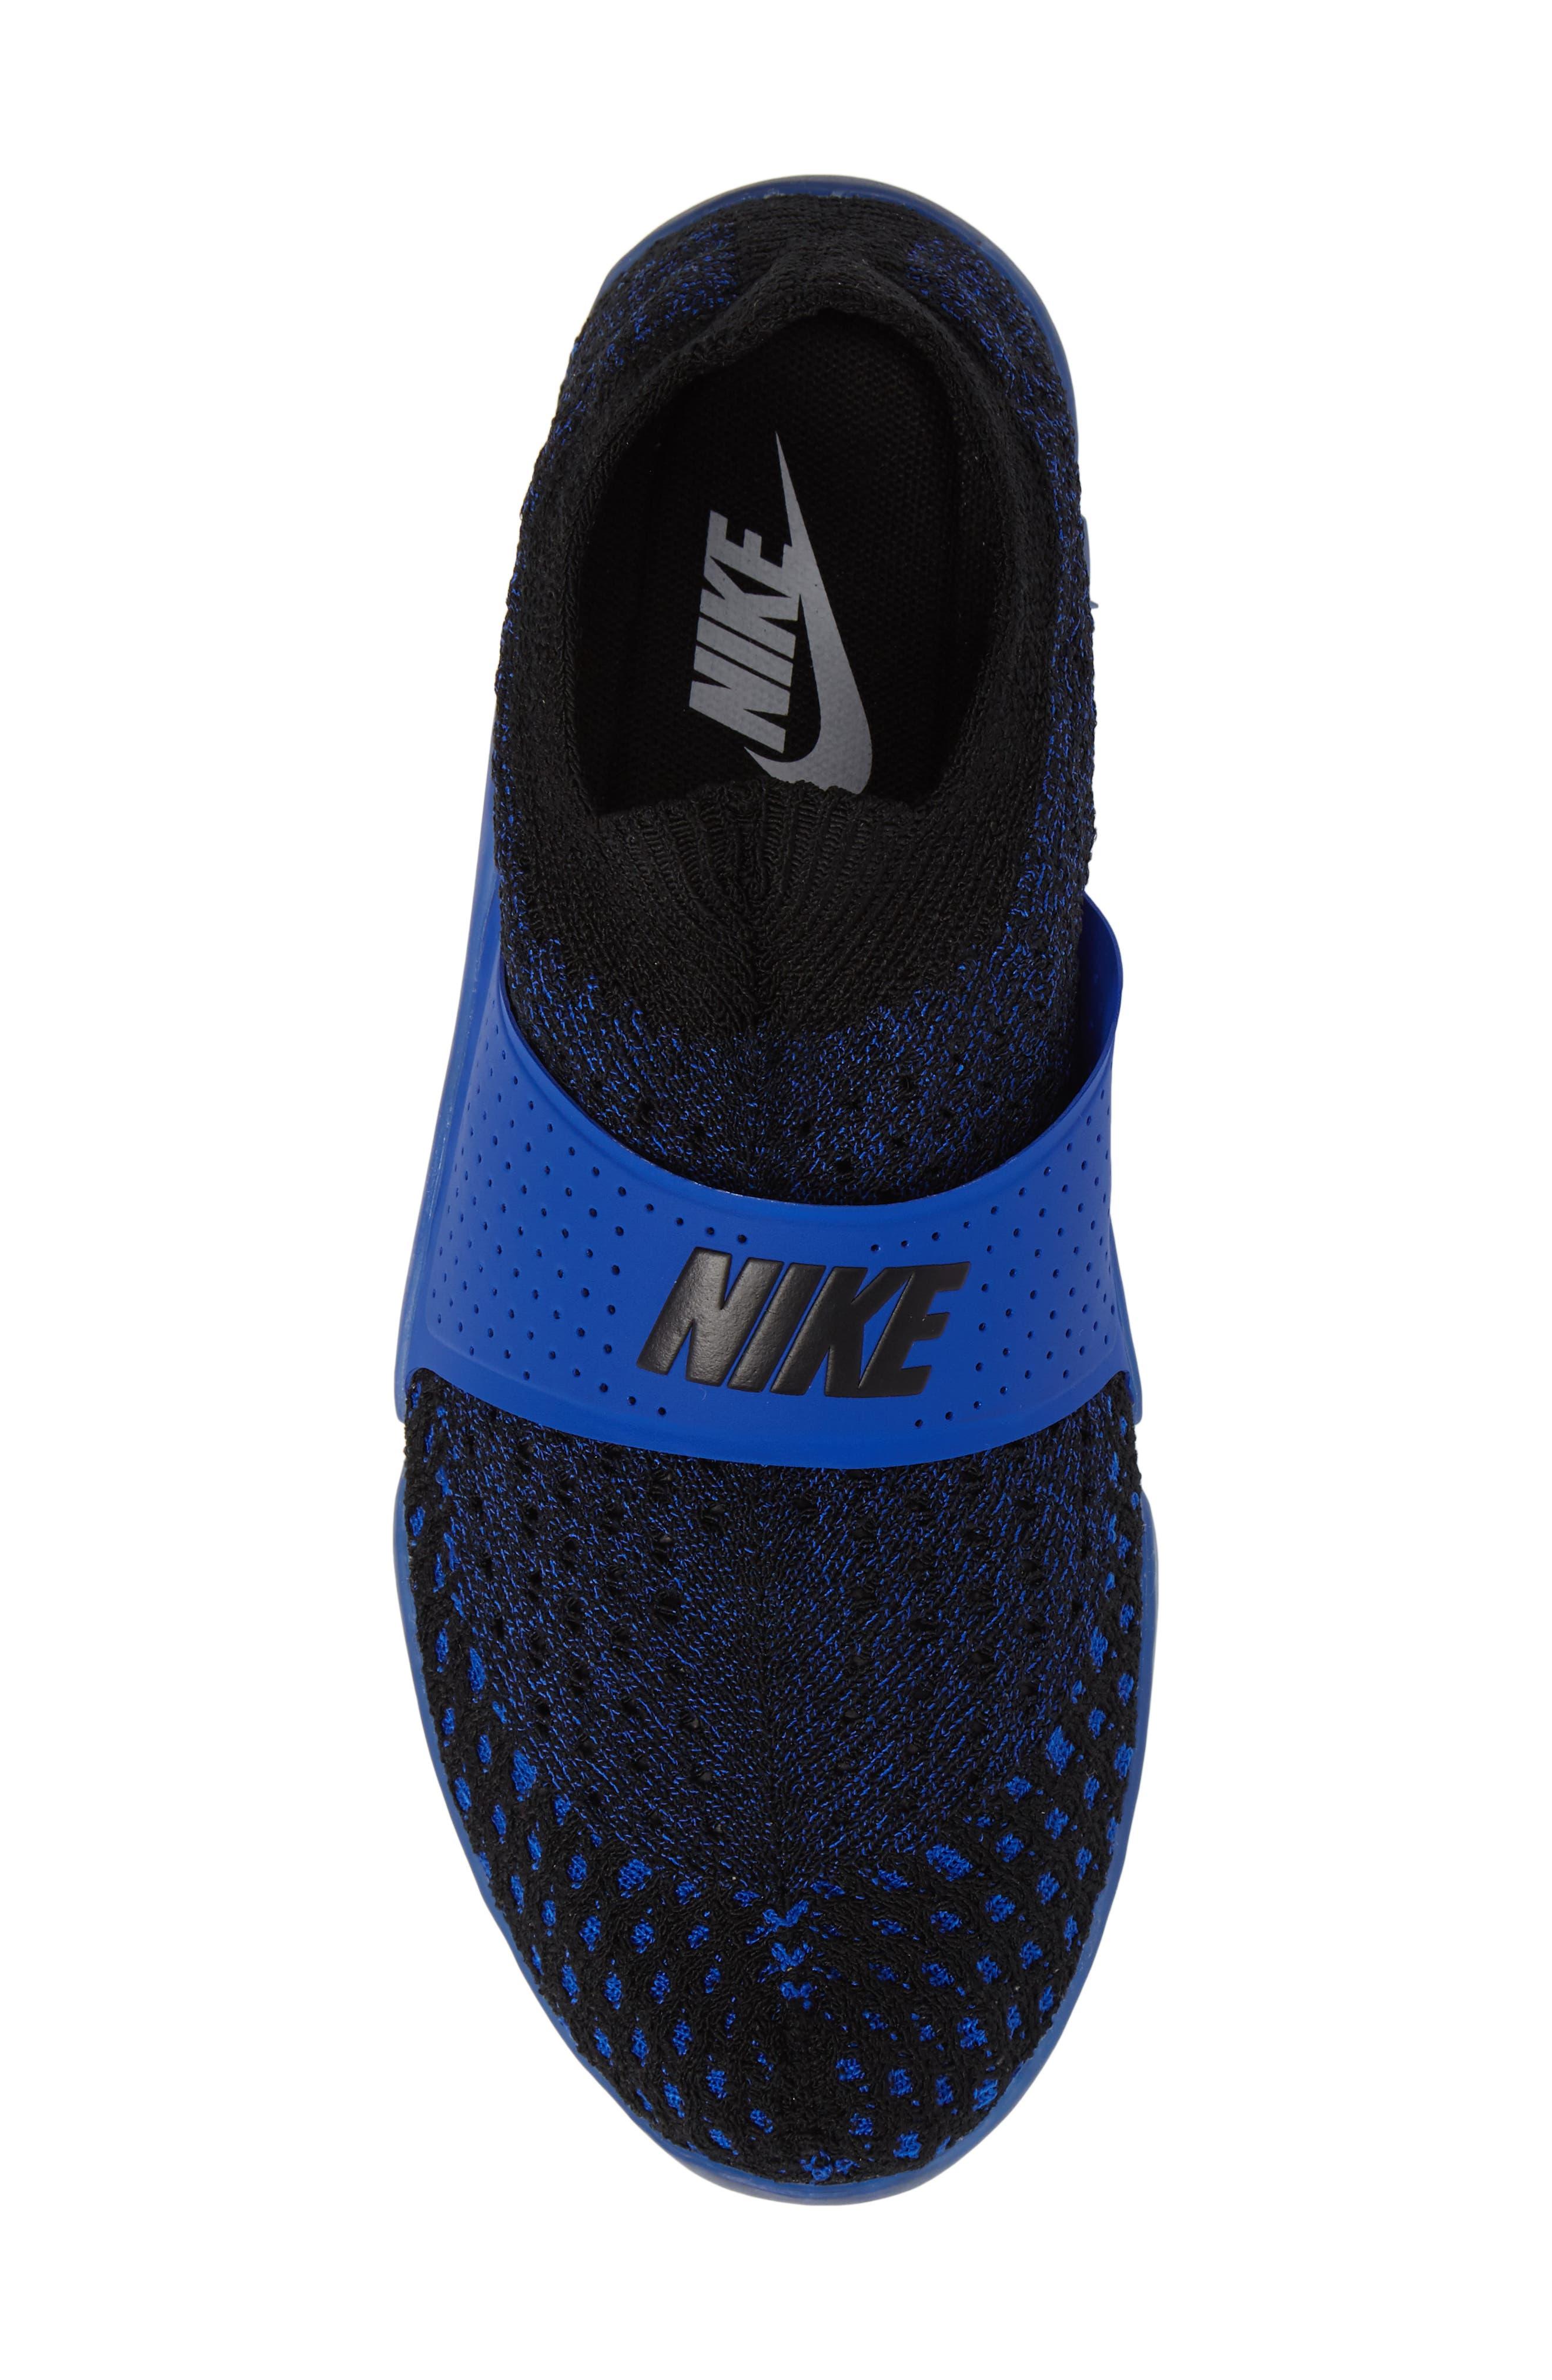 City Knife 3 Flyknit Sneaker,                             Alternate thumbnail 5, color,                             Racer Blue/ Black/ Black